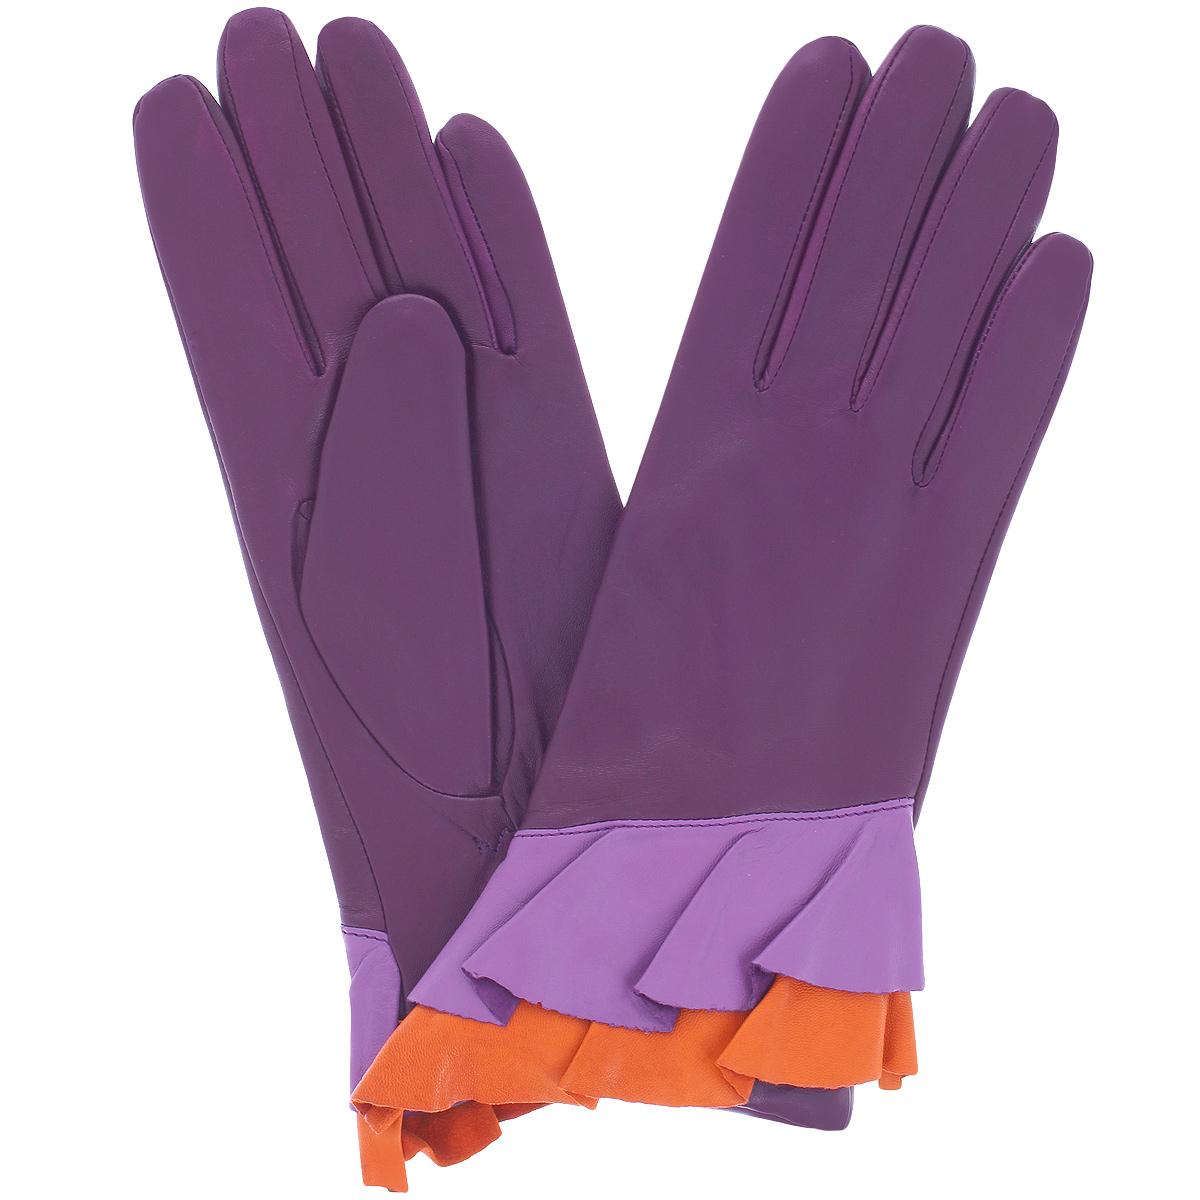 Перчатки женские. K11-GEREK11-GERE/BAI2Стильные перчатки Michel Katana с шерстяной подкладкой выполнены из мягкой и приятной на ощупь натуральной кожи ягненка. Манжеты с лицевой стороны оформлены двойной оборкой. Перчатки станут достойным элементом вашего стиля и сохранят тепло ваших рук. Это не просто модный аксессуар, но и уникальный авторский стиль, наполненный духом севера Франции.